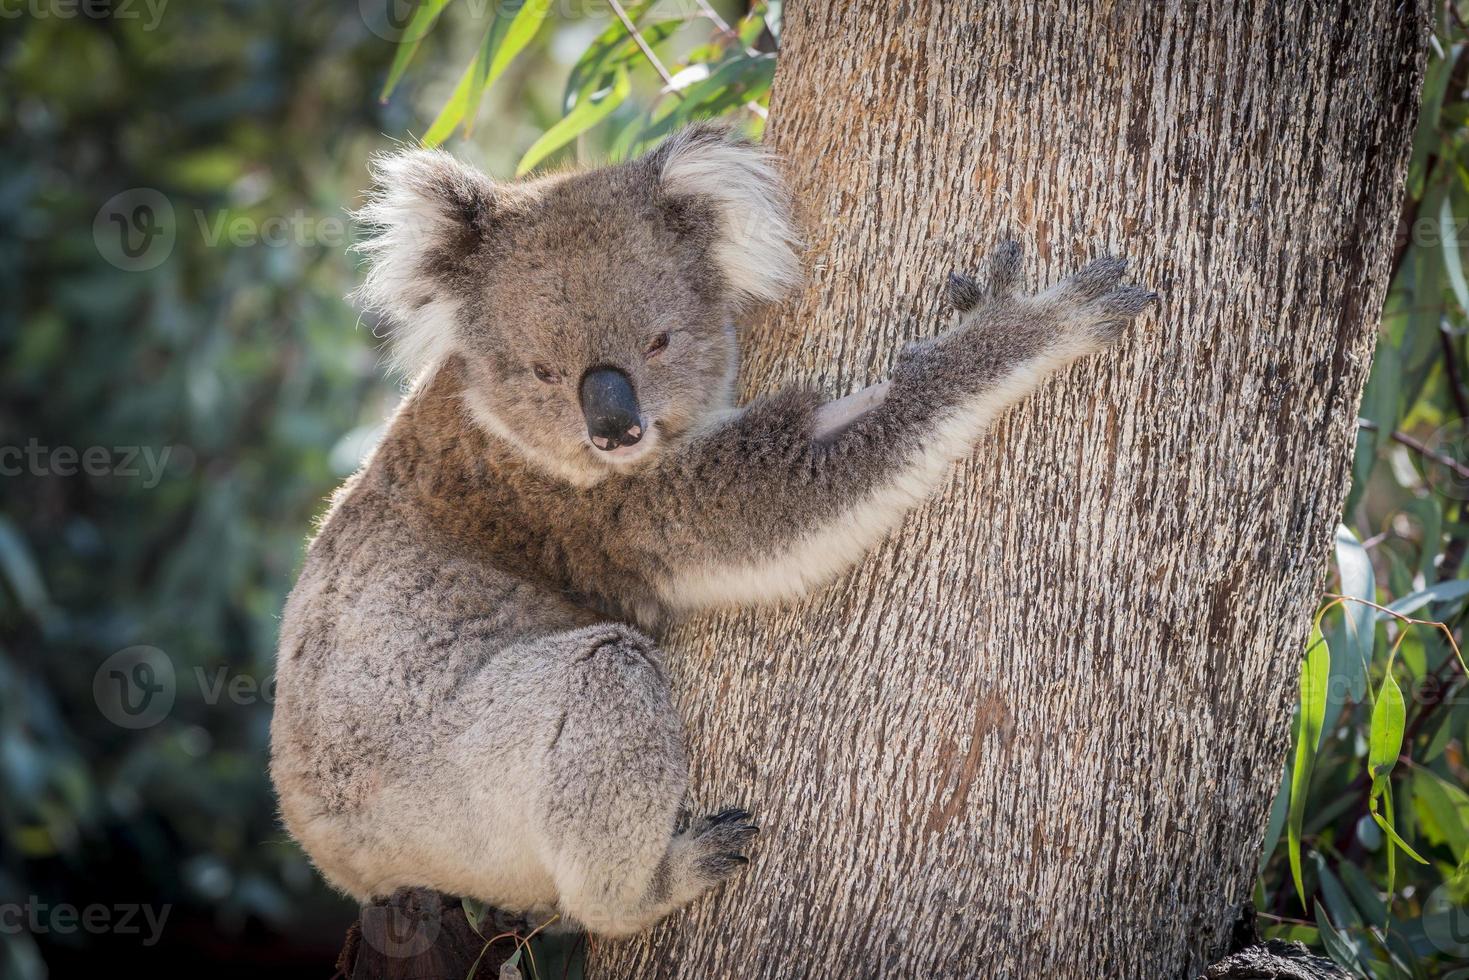 een koala, Australië, die een eucalyptusboom beklimt - naar beneden kijkend foto